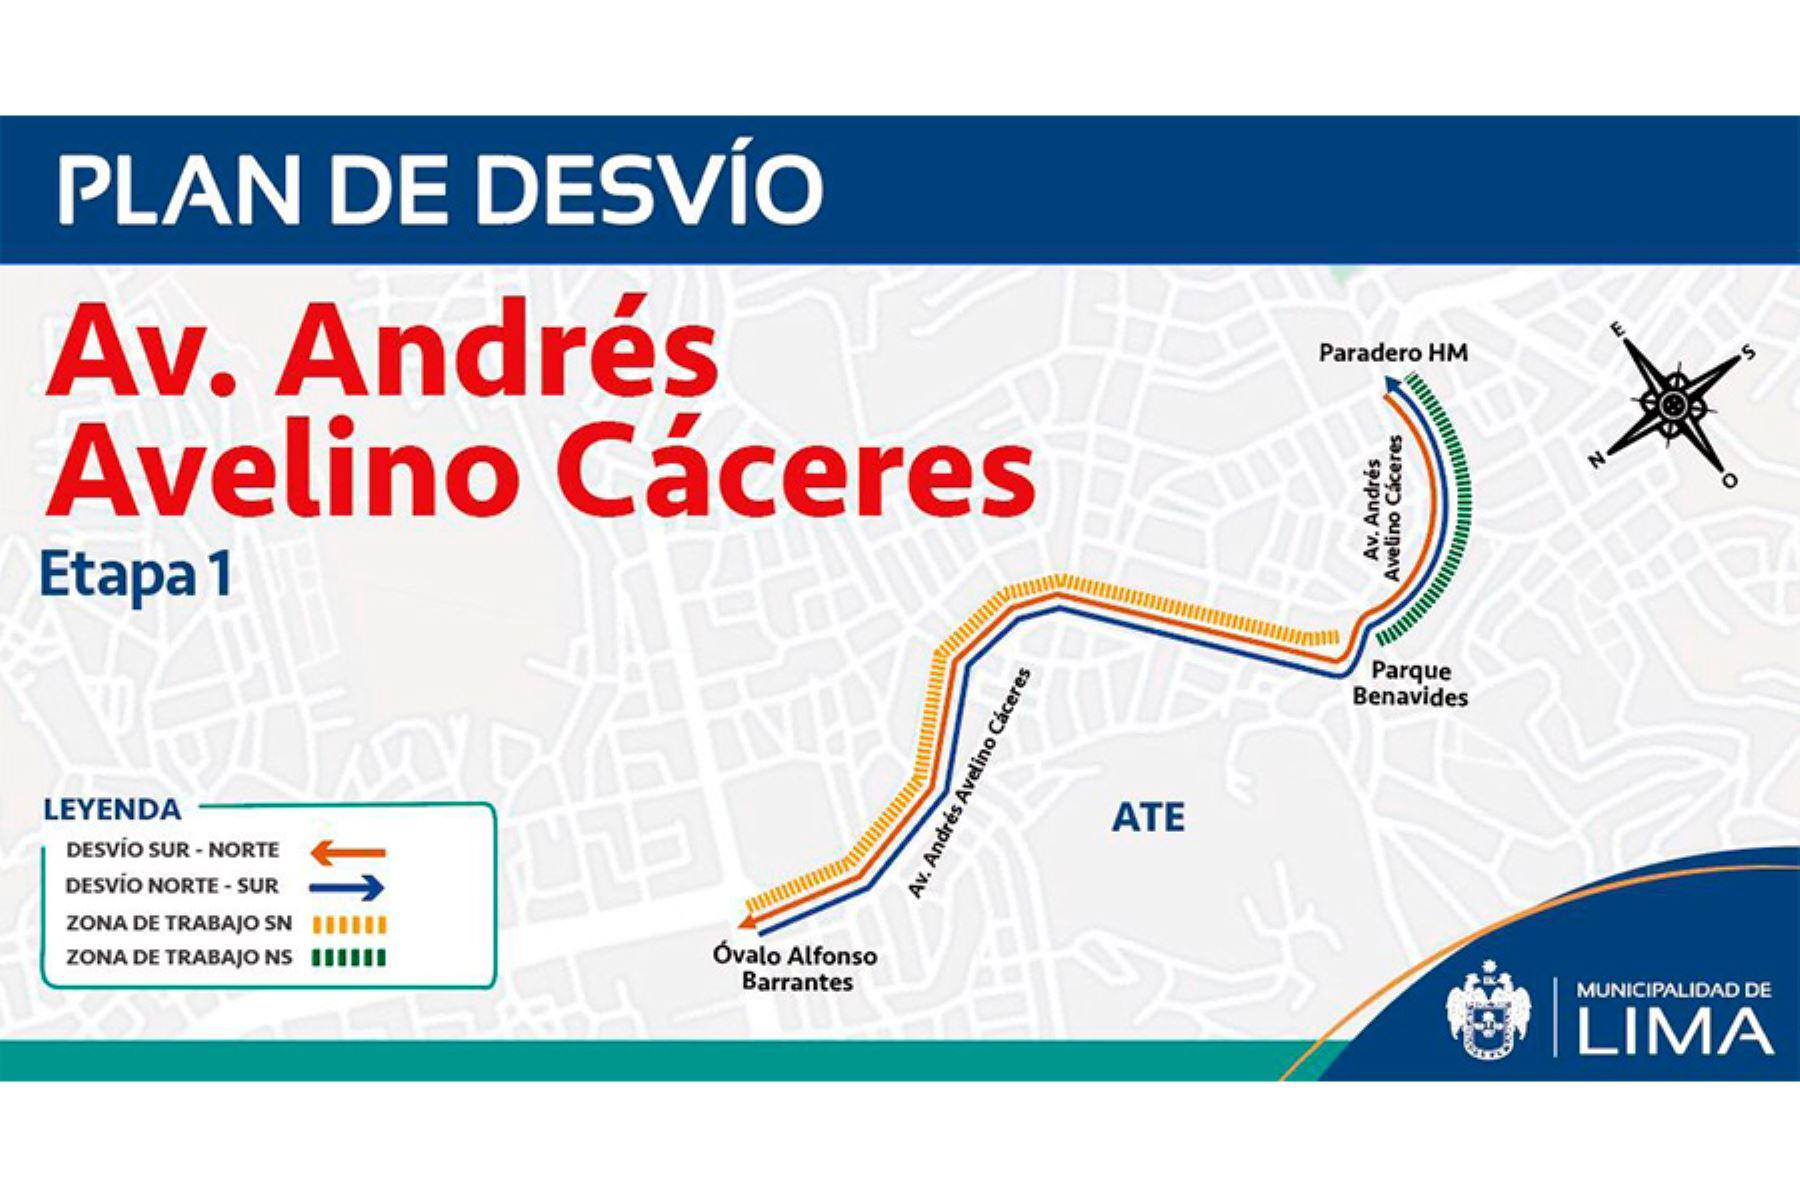 Obra de 1.10 kilómetros de extensión demandará una inversión de S/7.3 millones y beneficiará a más de 22 mil vecinos de Lima este.